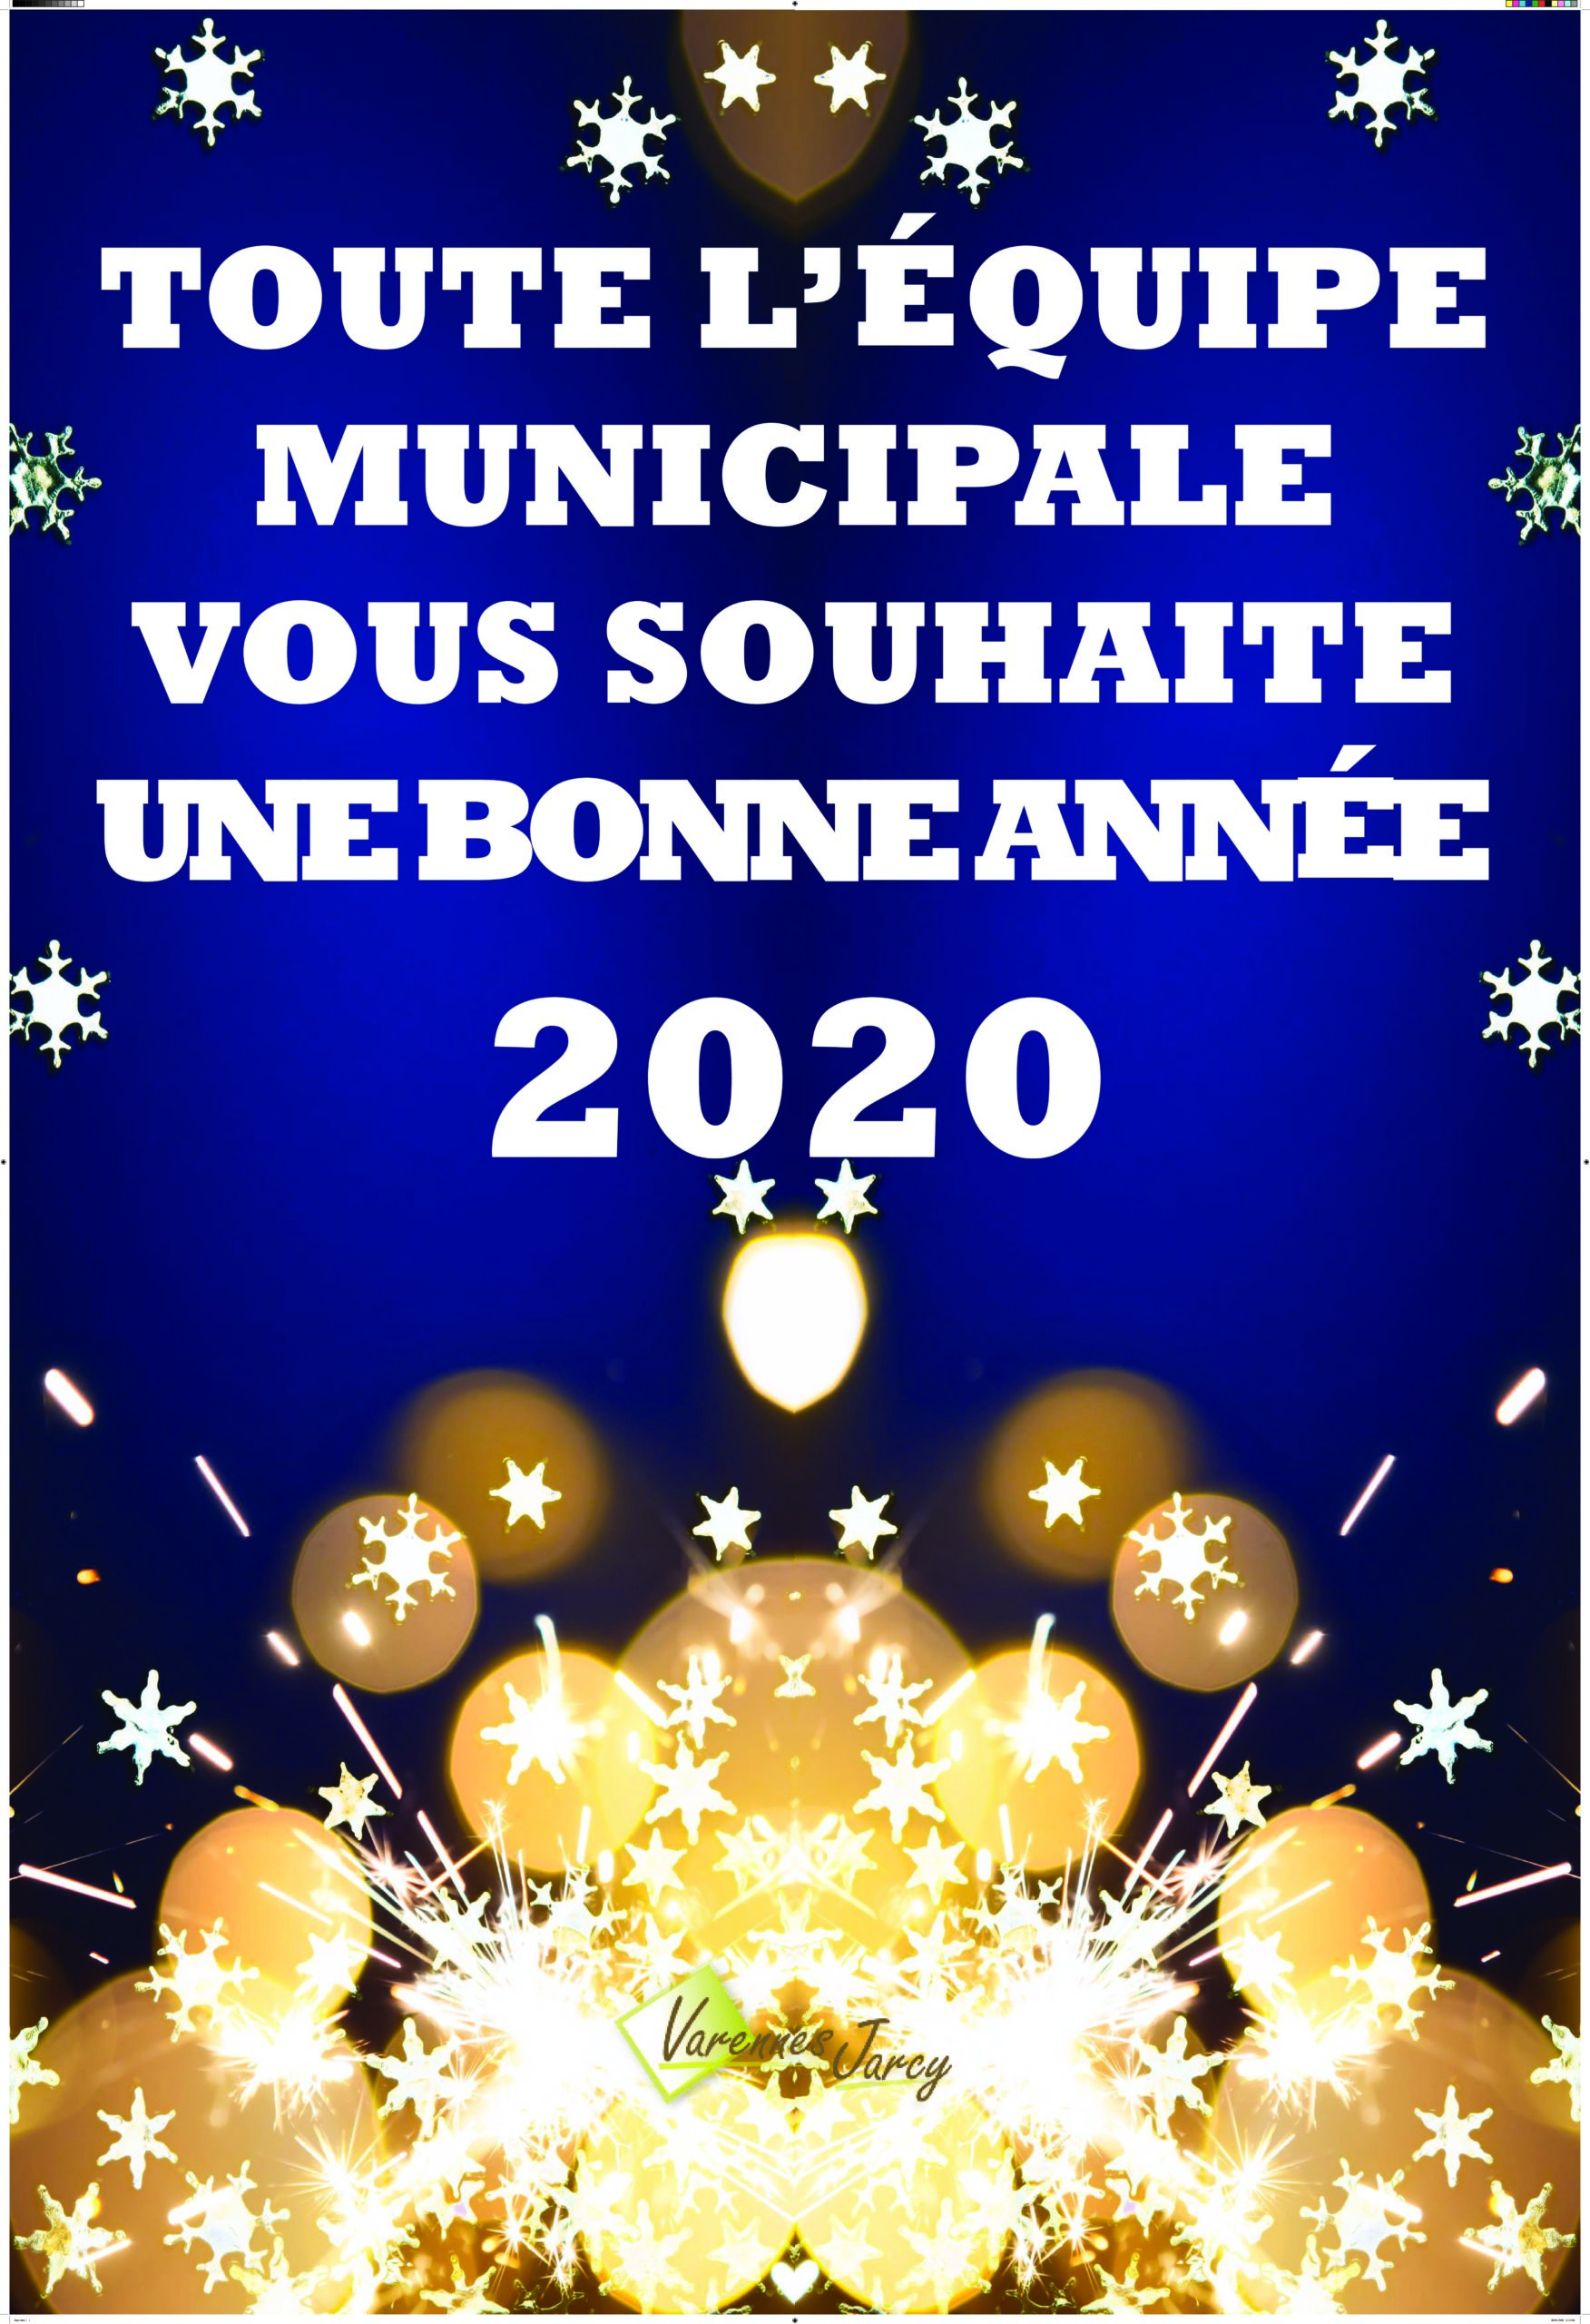 thumbnail of bonne année 2020 vdef